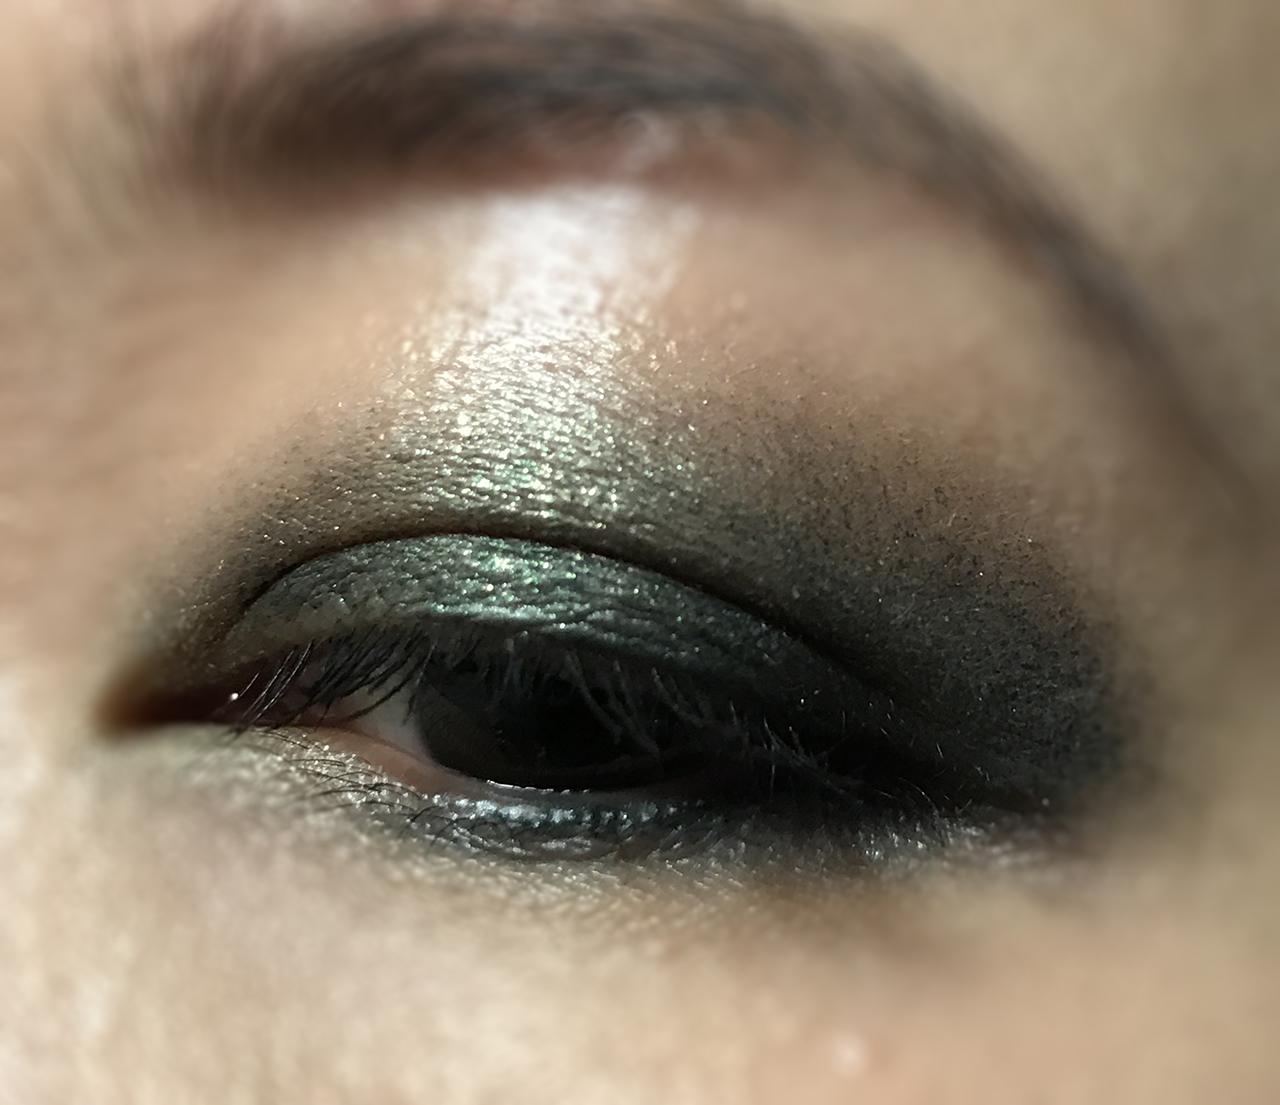 Tom Ford Cream & Powder Eye Color Emerald Isles eye look